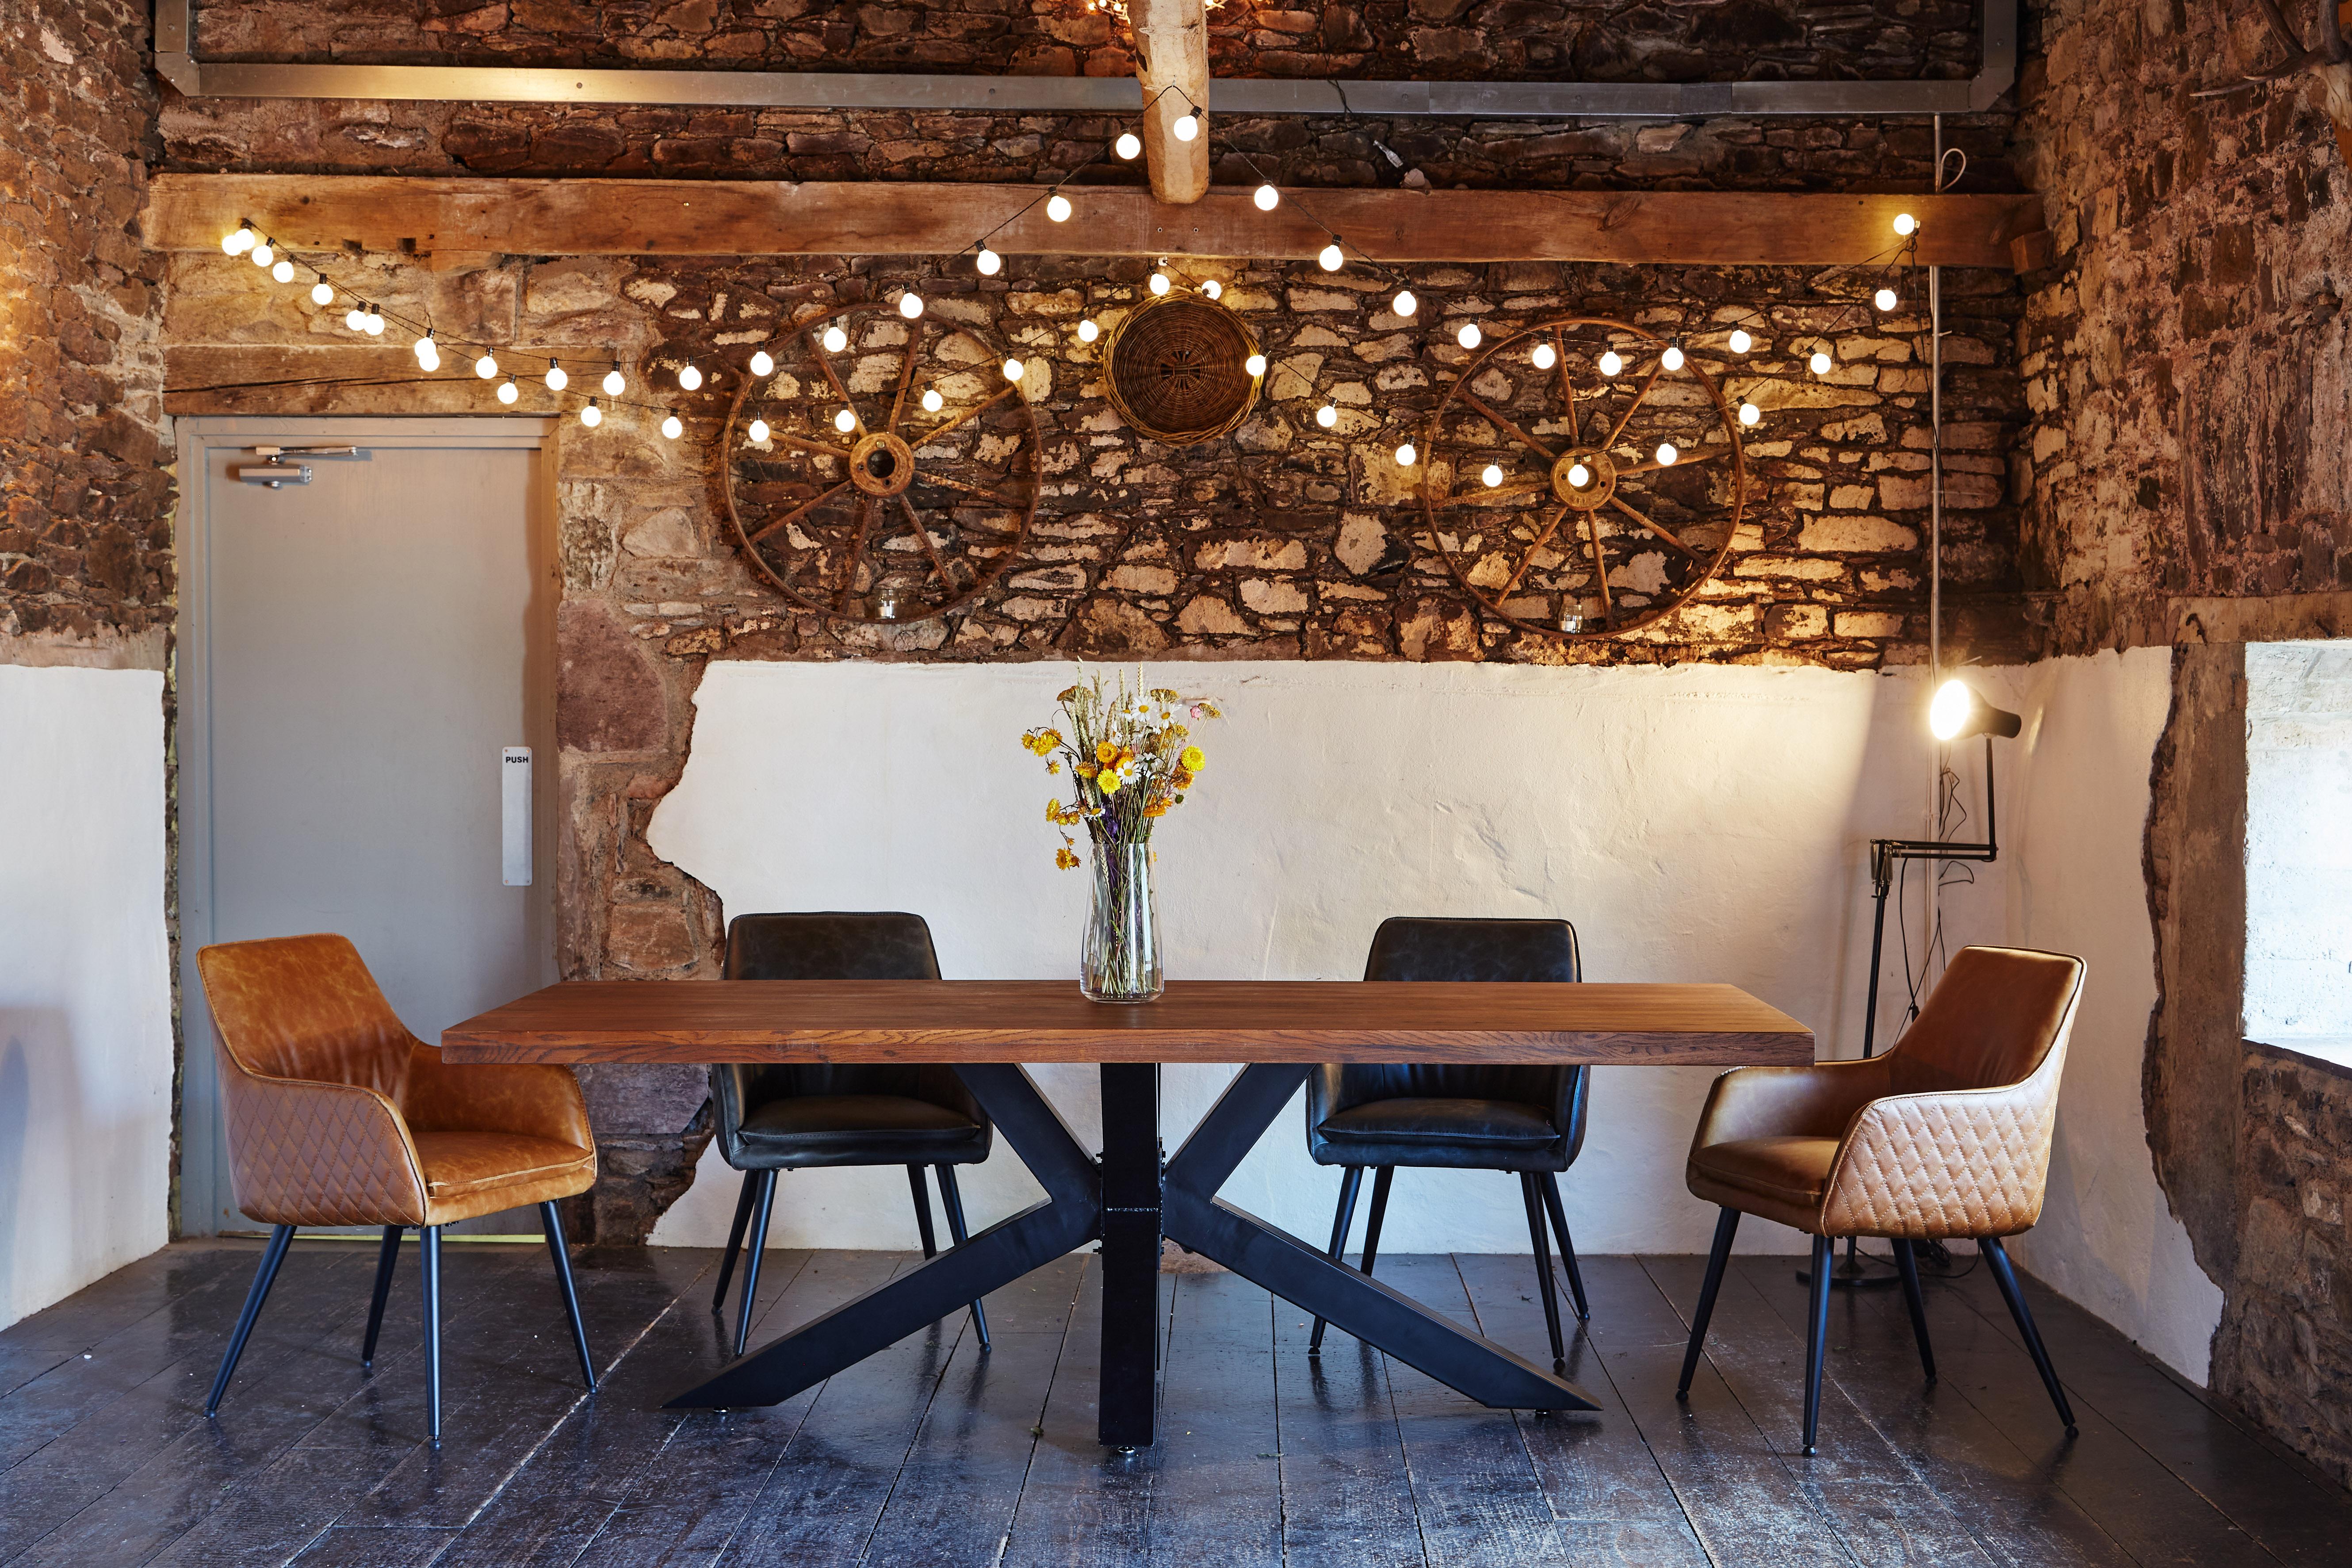 Heathfield Holburn Dining Table Large